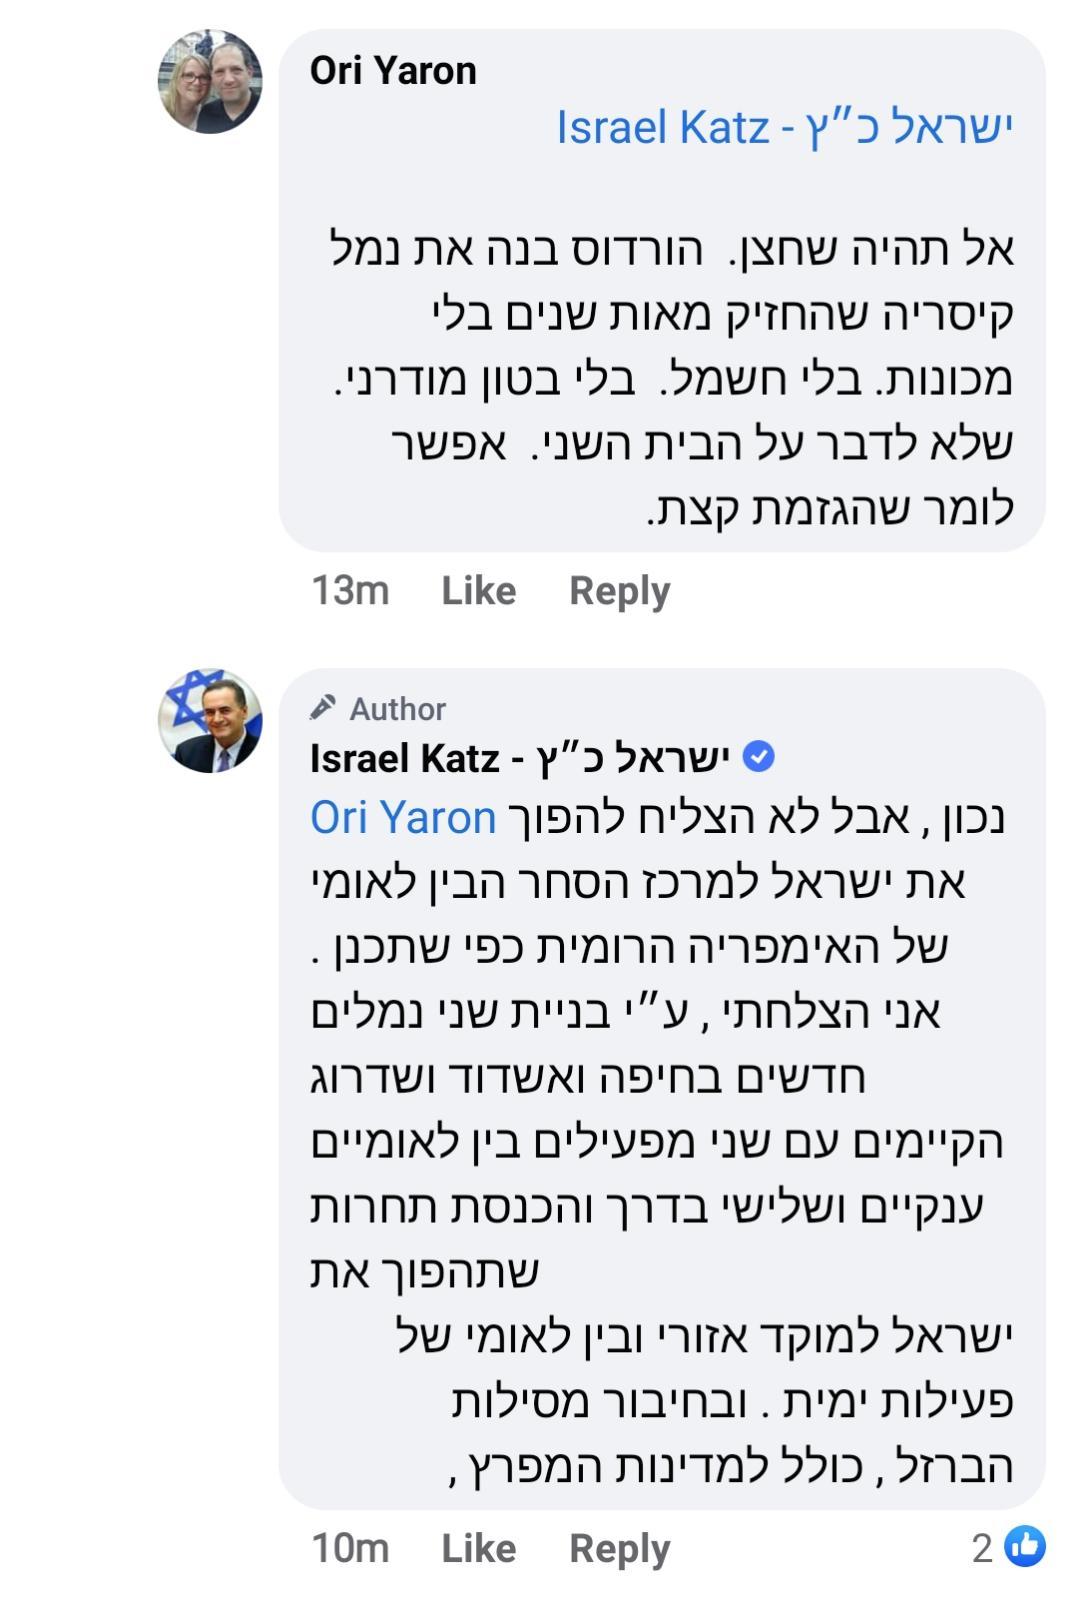 מי שולט בישראל? כמו בצפון קוראה? האם זה משפחת פשע או משפחה פסיכוטית ? או גנרלים עם דמנציה? EmnG299XYAIzASV